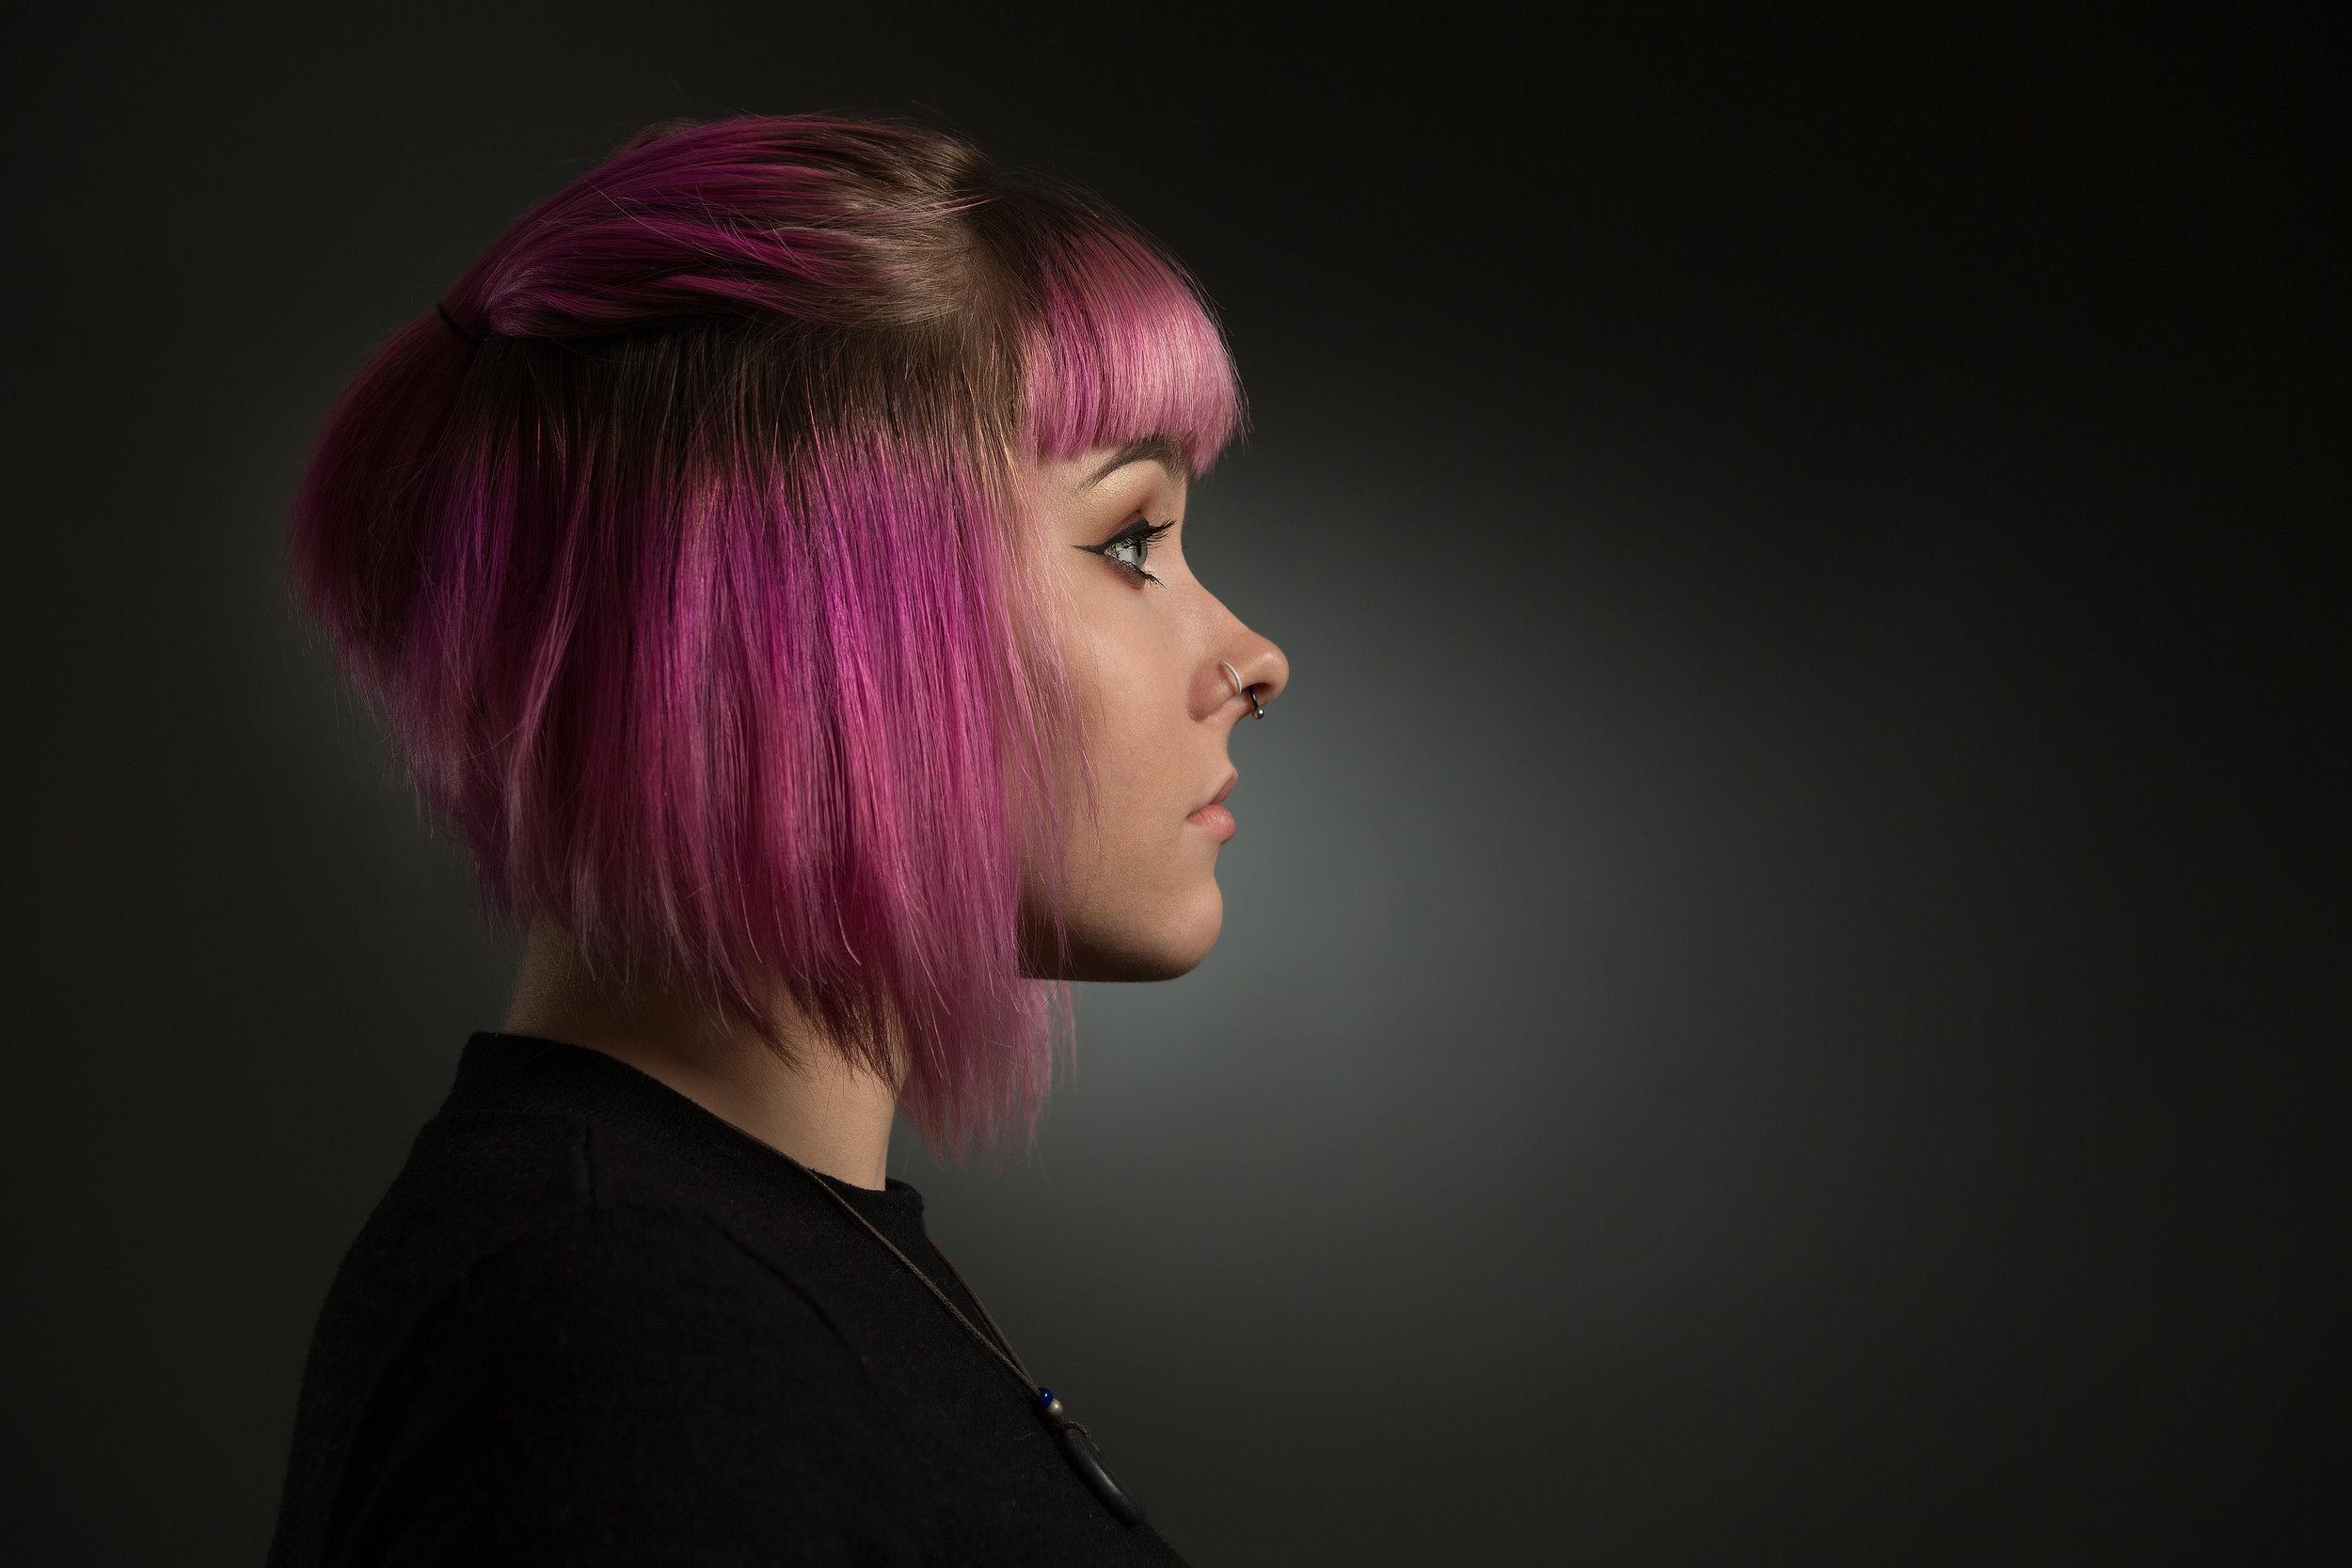 Carina - Profile